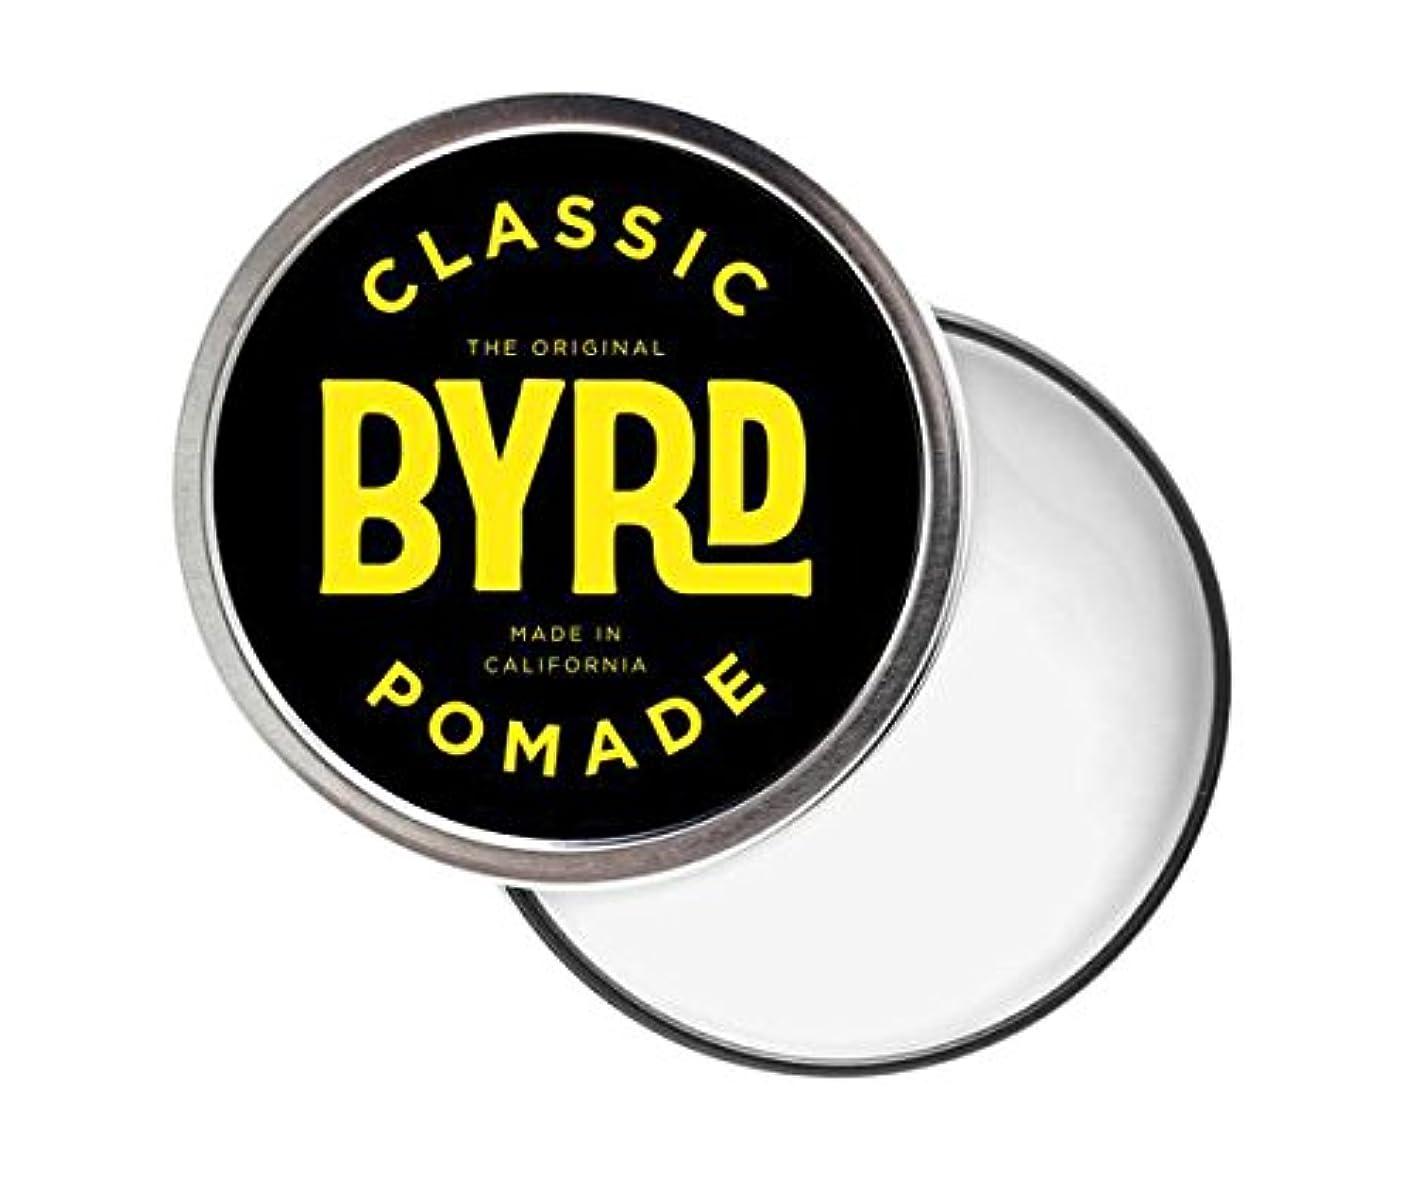 工場工場フライトBYRD(バード) クラシックポマード 42g